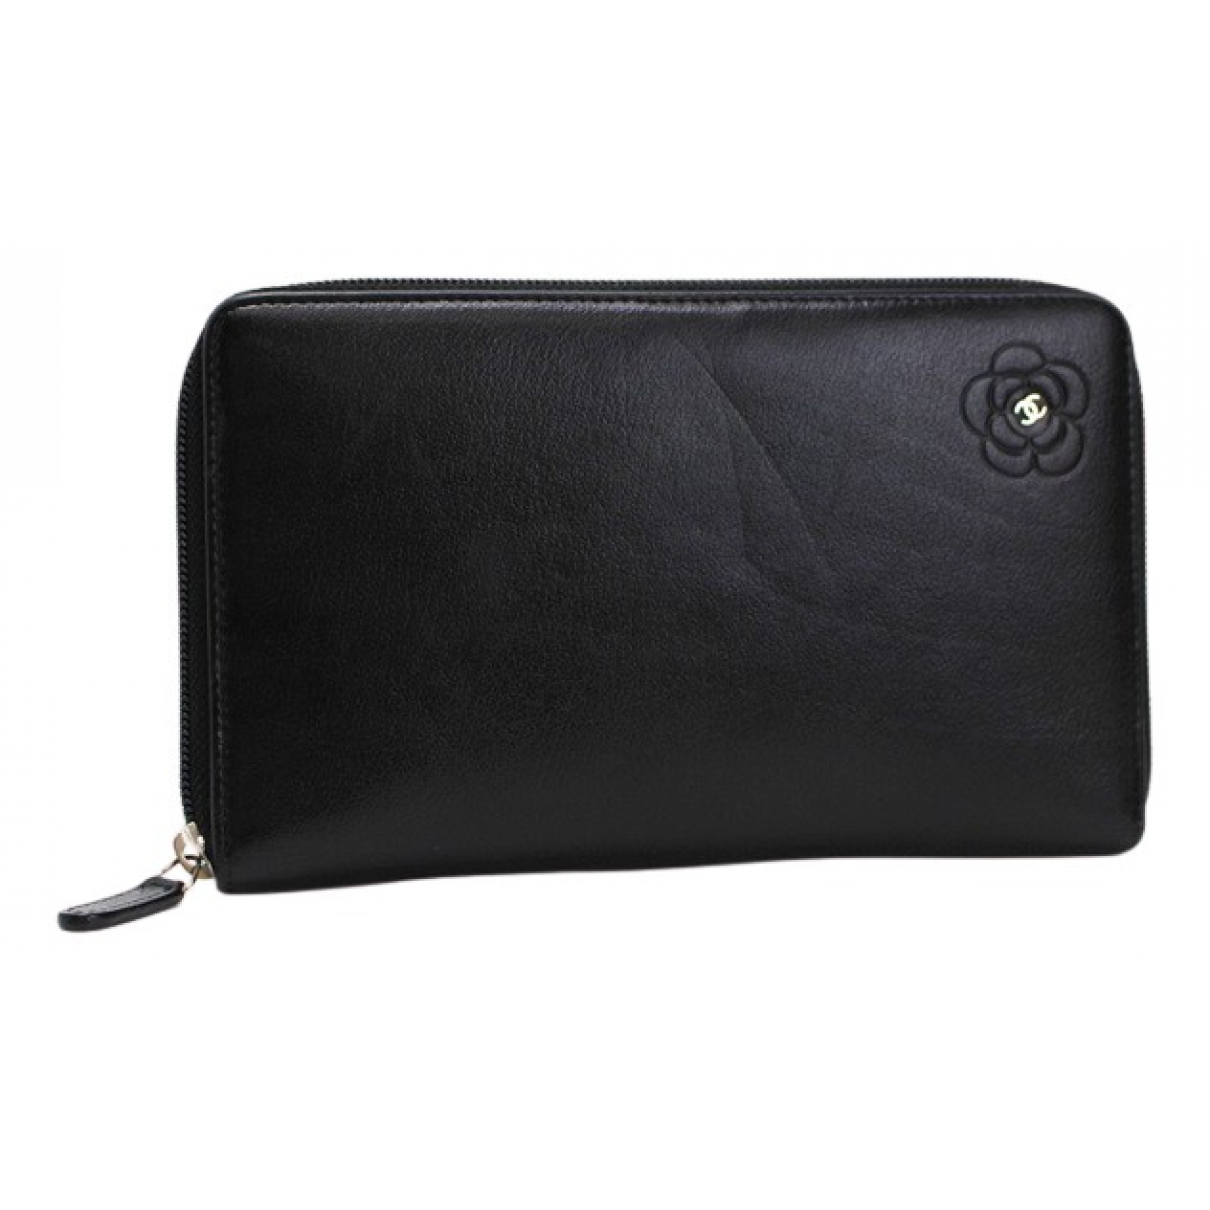 Chanel - Portefeuille   pour femme en cuir - noir